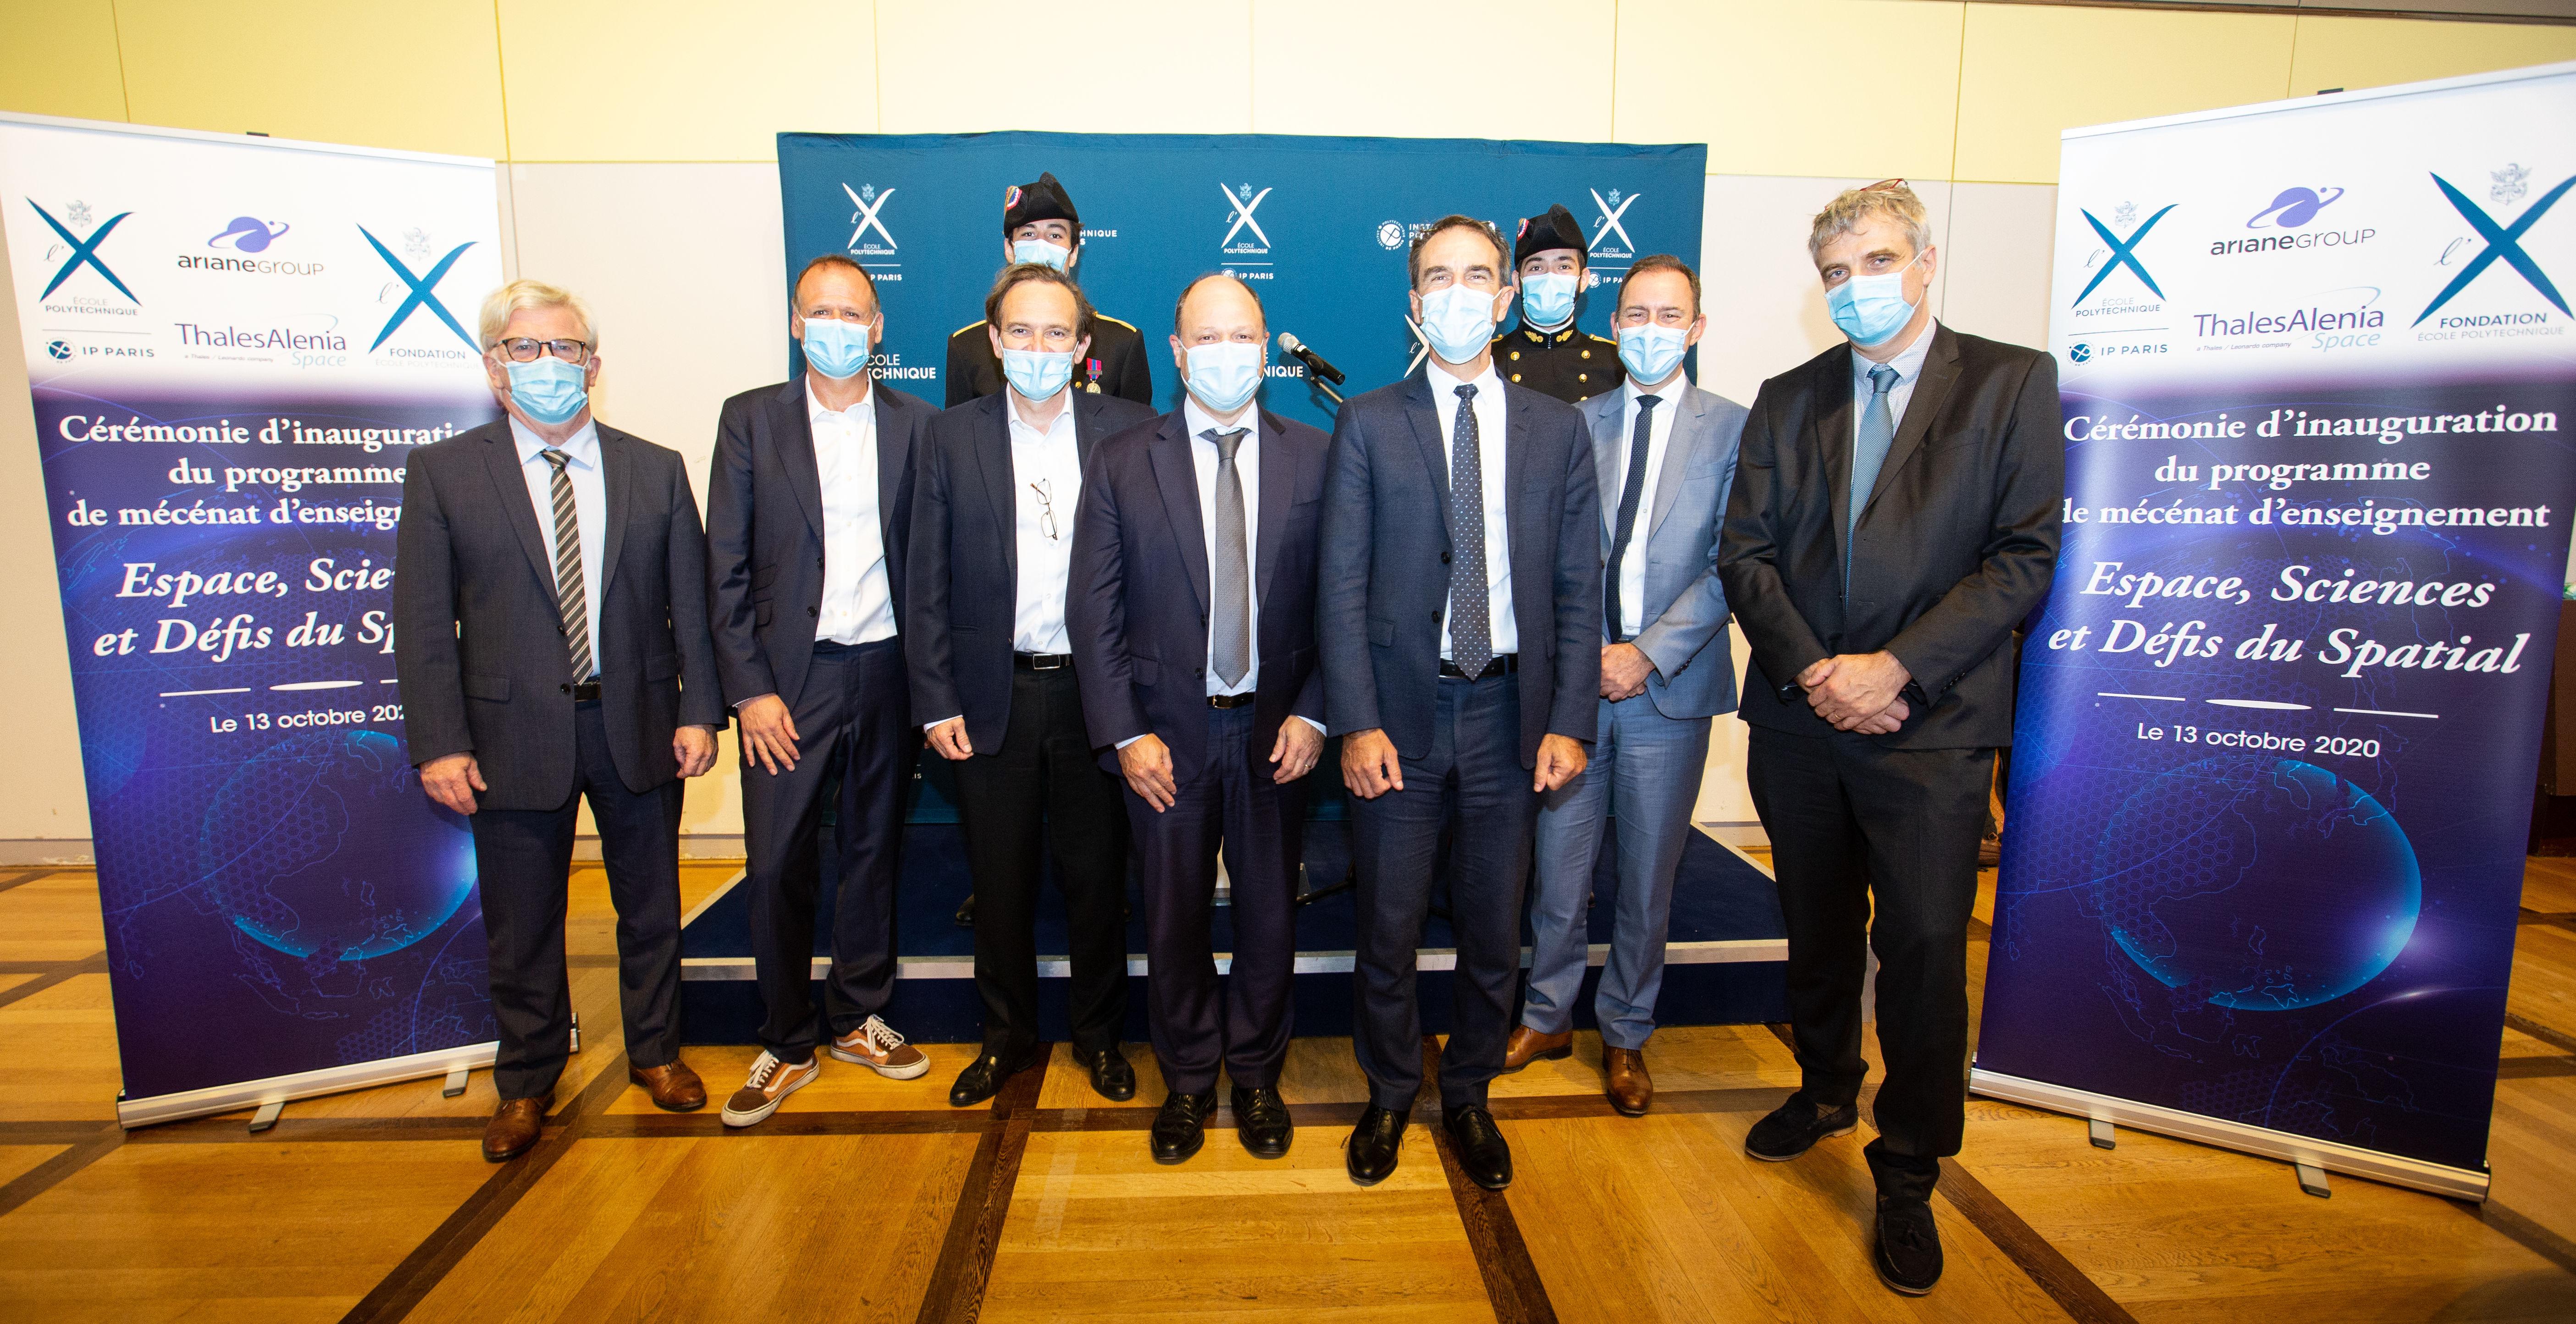 Au premier rang, de gauche a droite, François Deveaud (Directeur Adjoint de l'enseignement et de la recherche), Pascal Chabert (Directeur de recherche au Laboratoire de Physique des Plasmas et porteur du programme ESDS), Jean-Paul Cottet (Délégué général de la Fondation de l'X), Lionel Suchet (Directeur Délégué du centre National d'Etude Spatial), Hervé Derrey (Président-Directeur-Général de Thales Alenia Space),  André-Hubert Roussel (Président d'ArianeGroup), Yves Laszlo (Directeur de l'enseignement et de la recherche de l'X); au deuxième rang, a gauche Arnaud Balland (X2018, à l'initiative du projet Back-on-Earth) et Hillaire Bizallion (X2018, membre du projet IonSat).